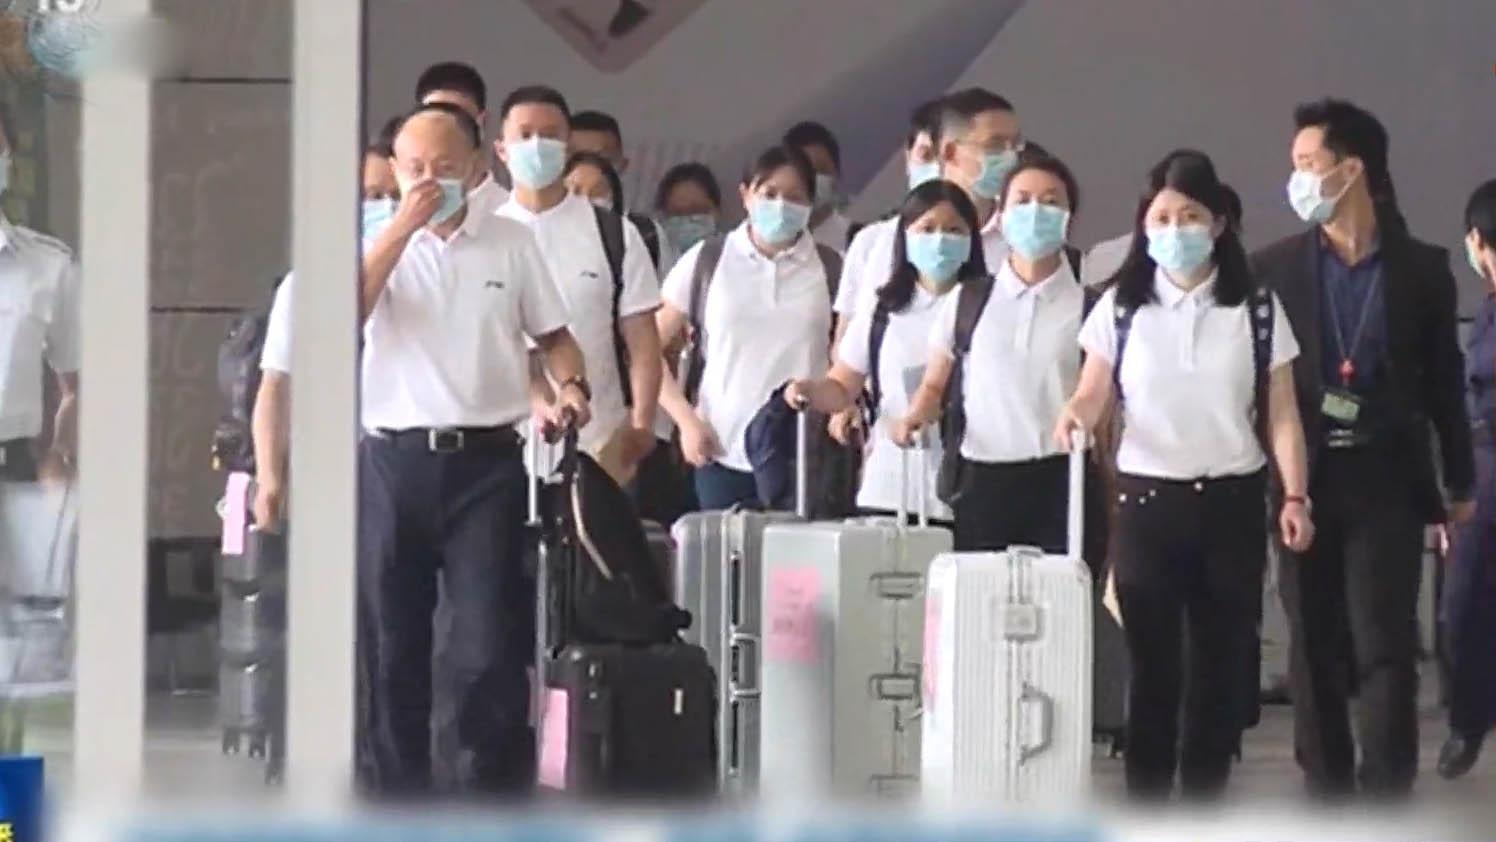 內地核酸檢測支援隊抵港 港府舉行歡迎儀式